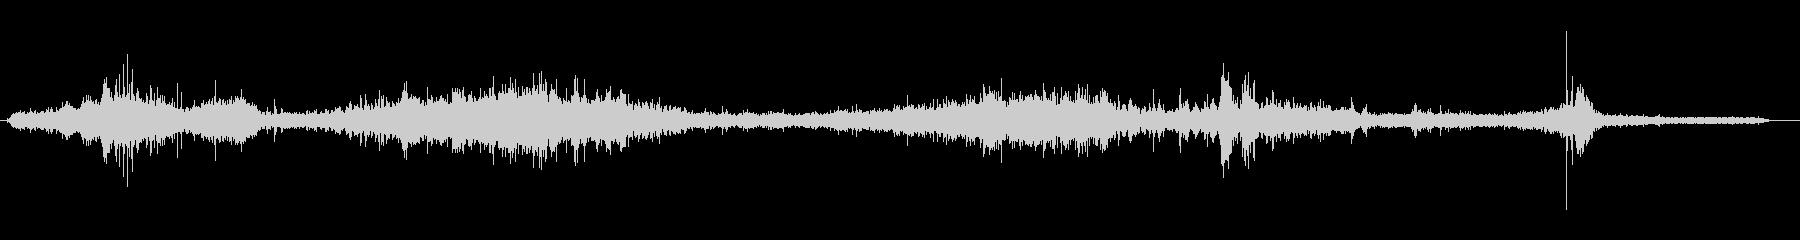 トラム-ライドの未再生の波形